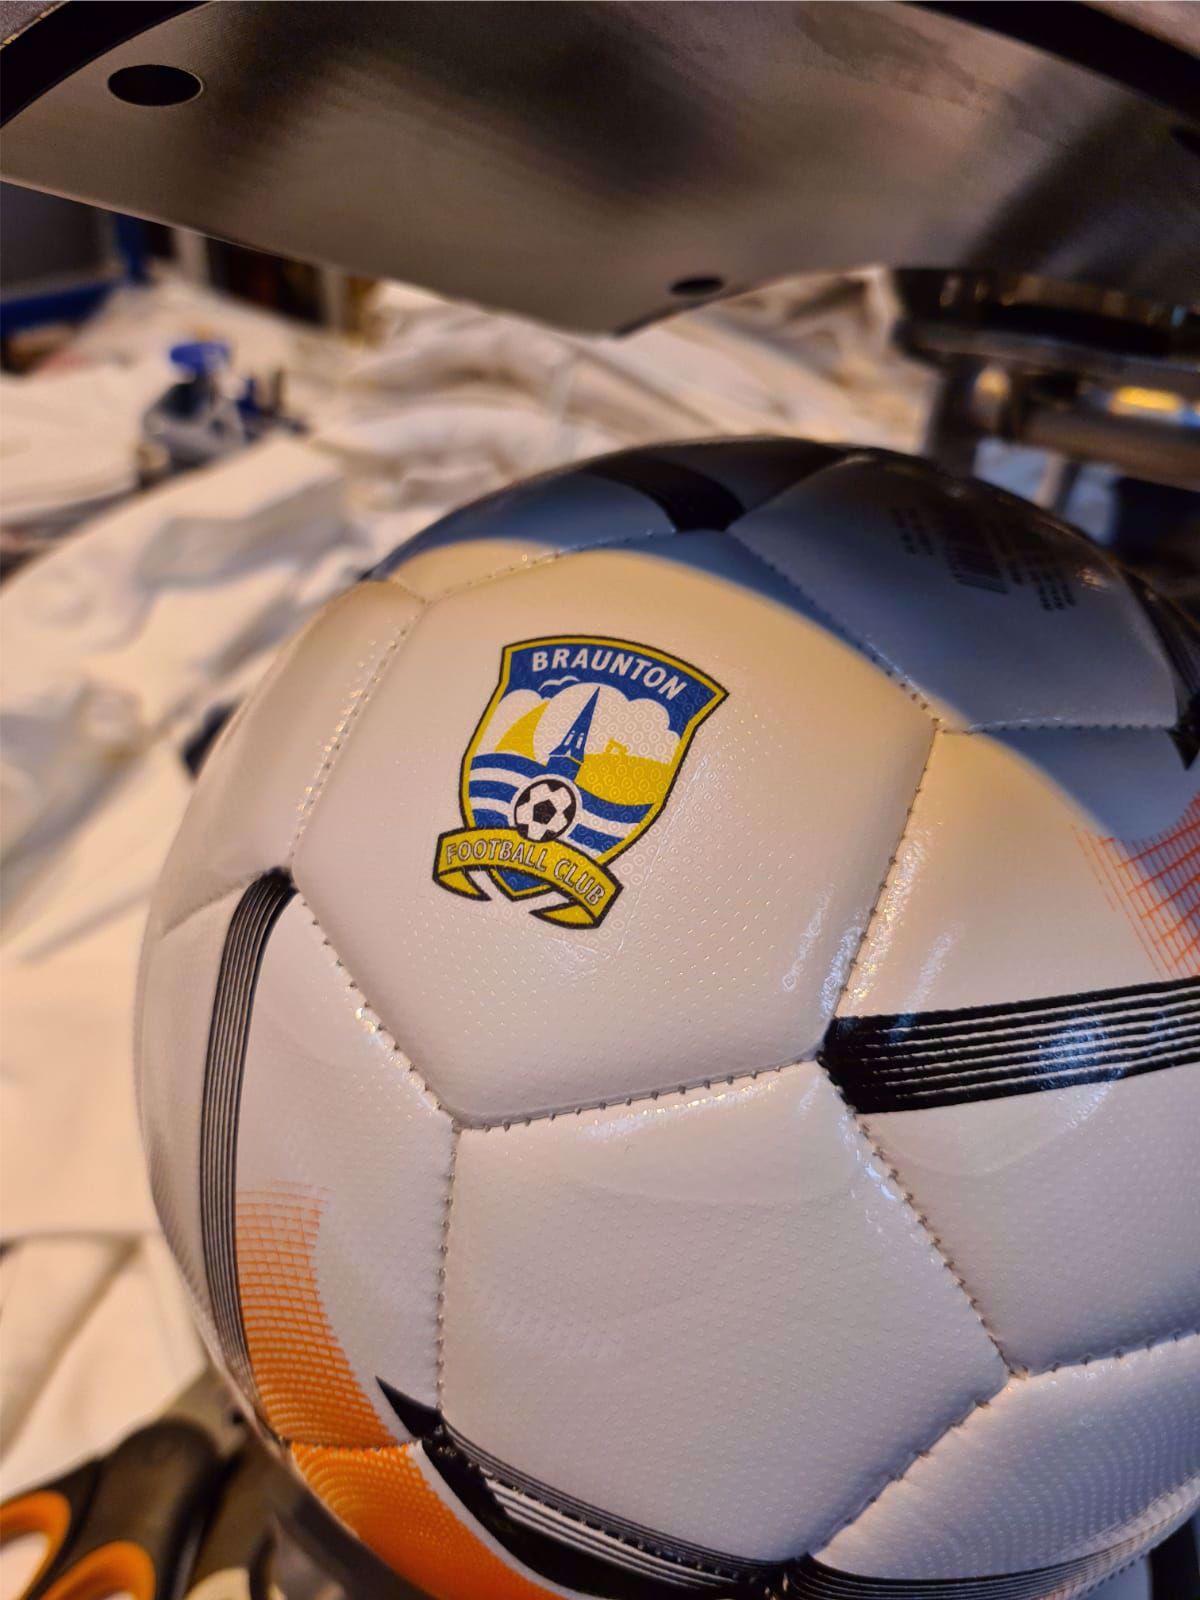 14x Custom Printed Uhlsport Team Football 1001674